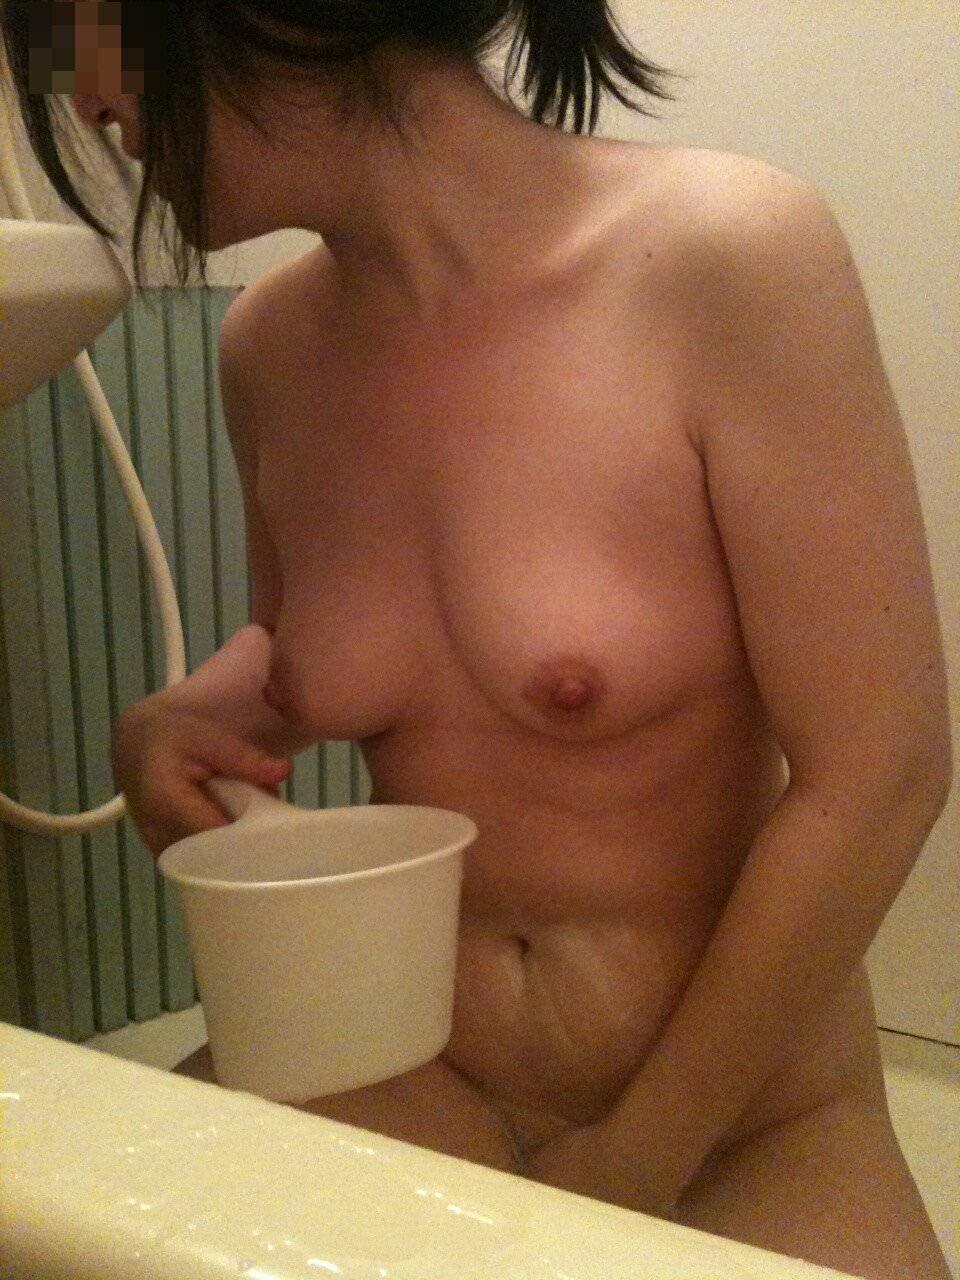 彼女の家でこっそり撮影した彼女の入浴全裸www生々しくて草wwww 0115